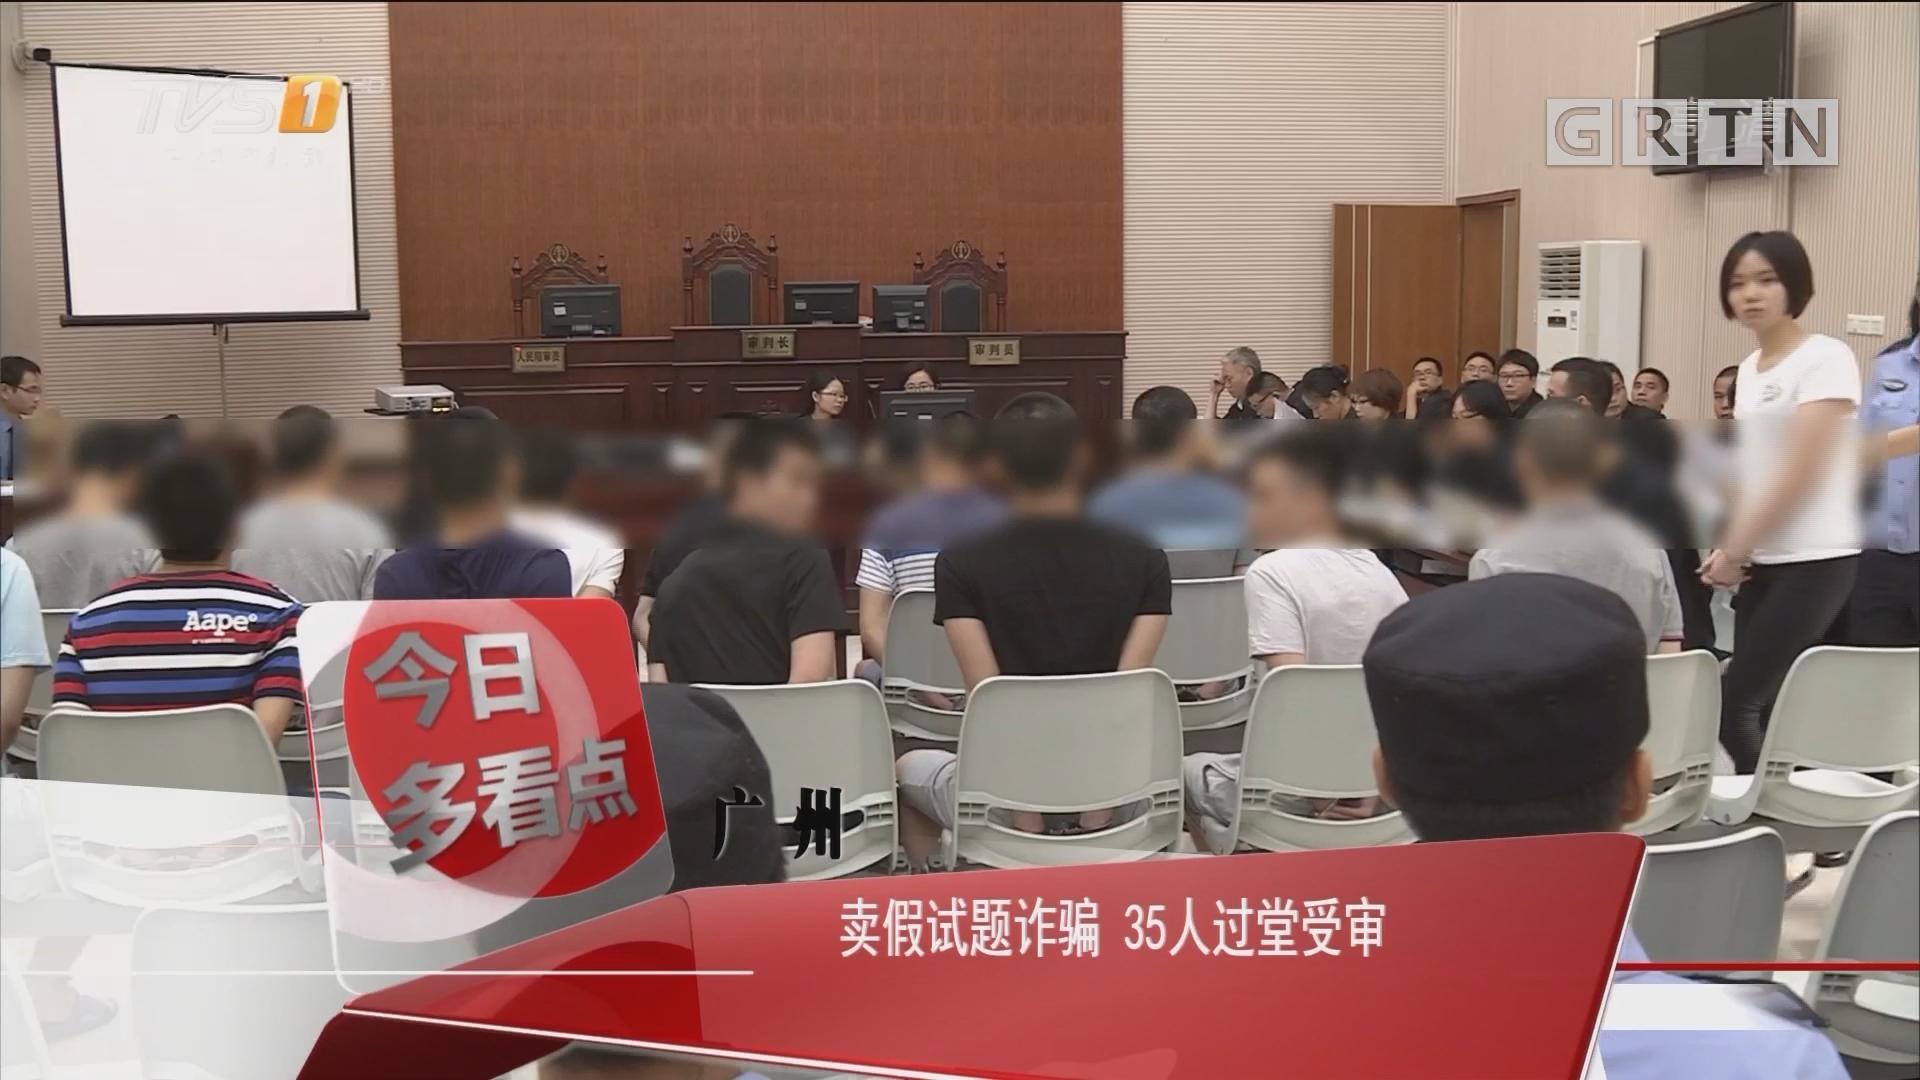 广州:卖假试题诈骗 35人过堂受审